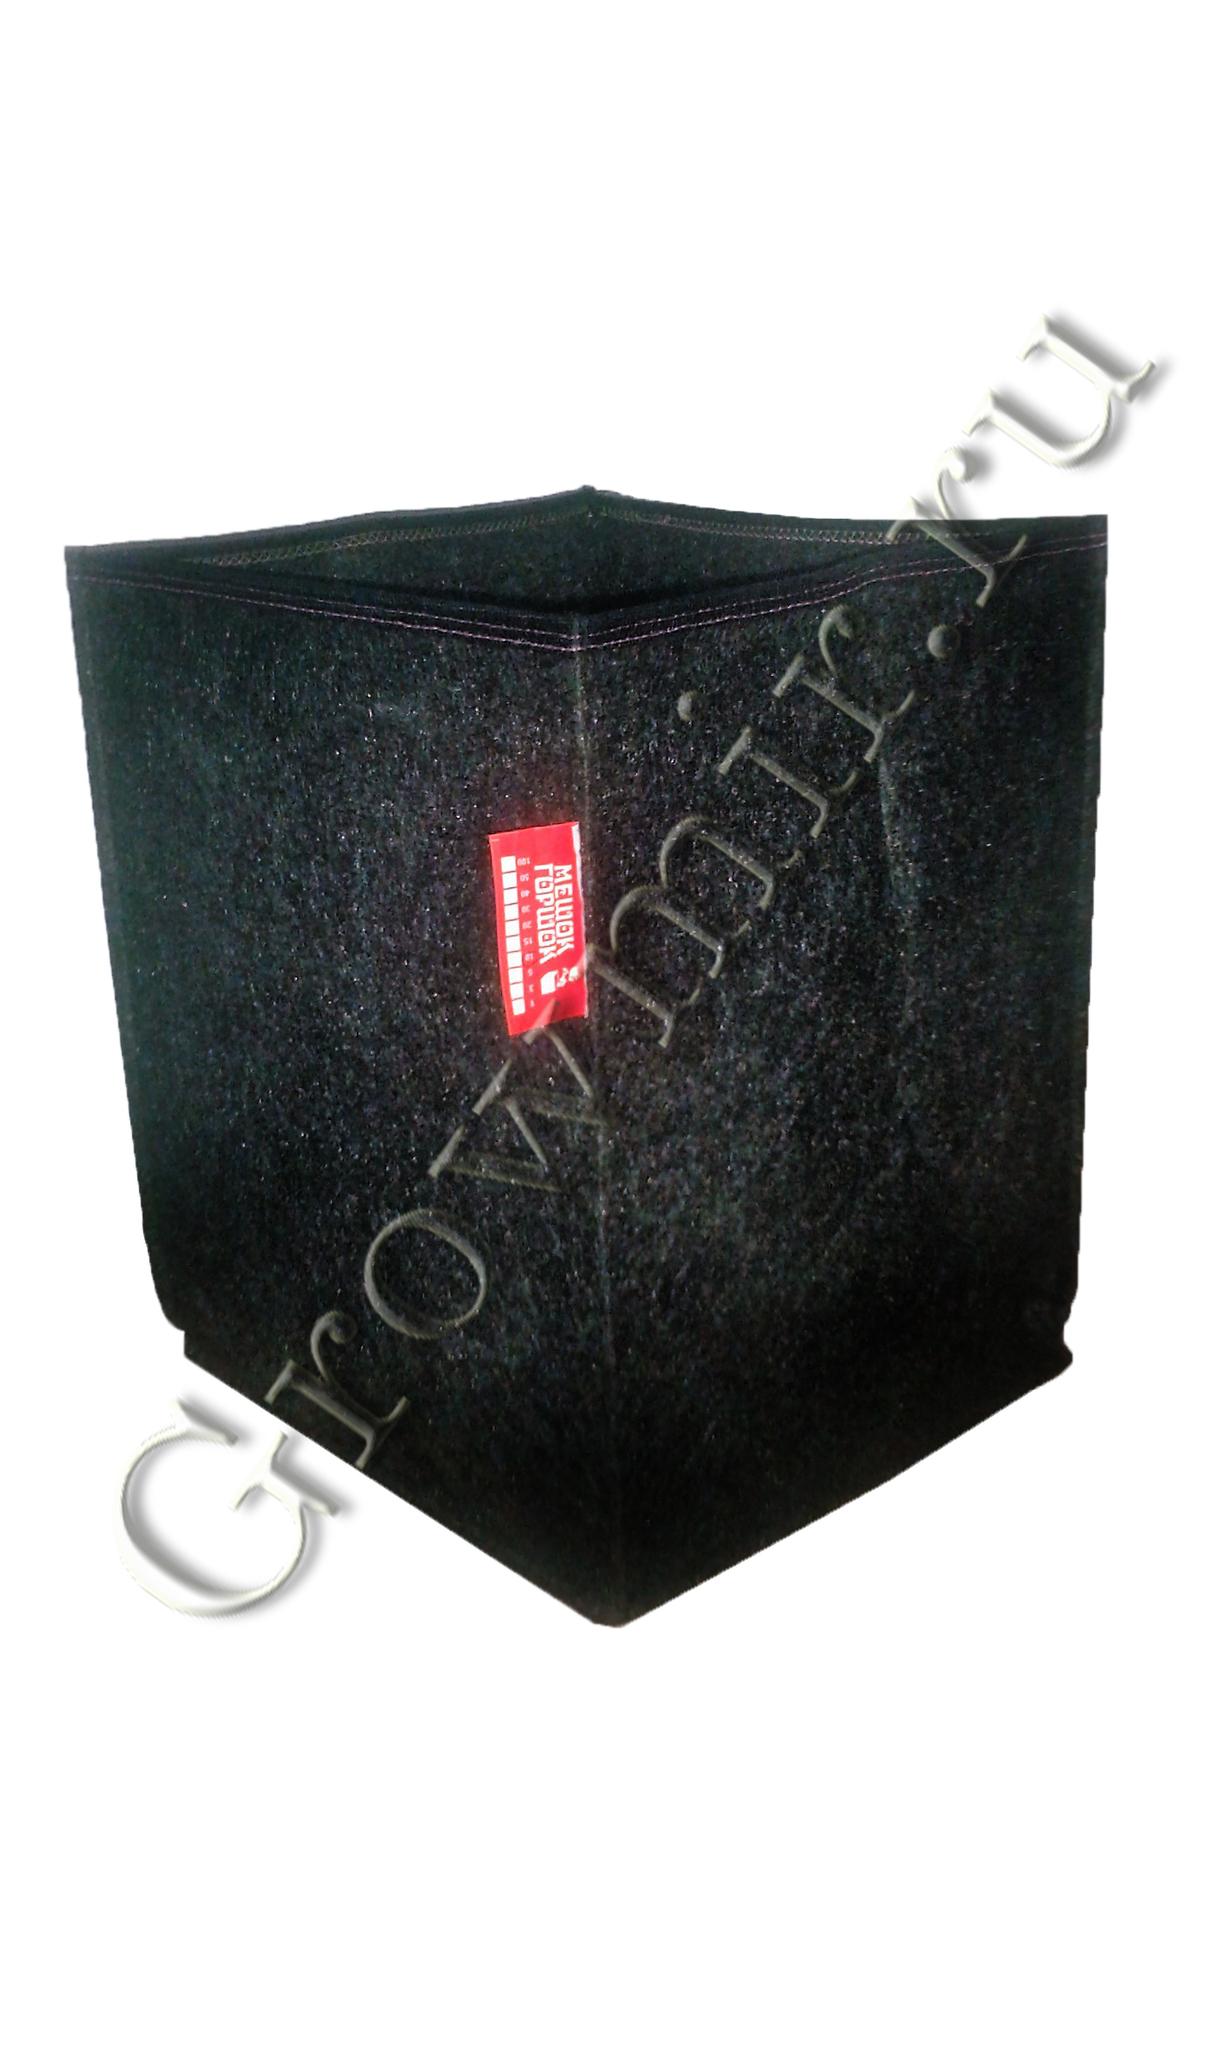 Мешок горшок квадратный 10 л